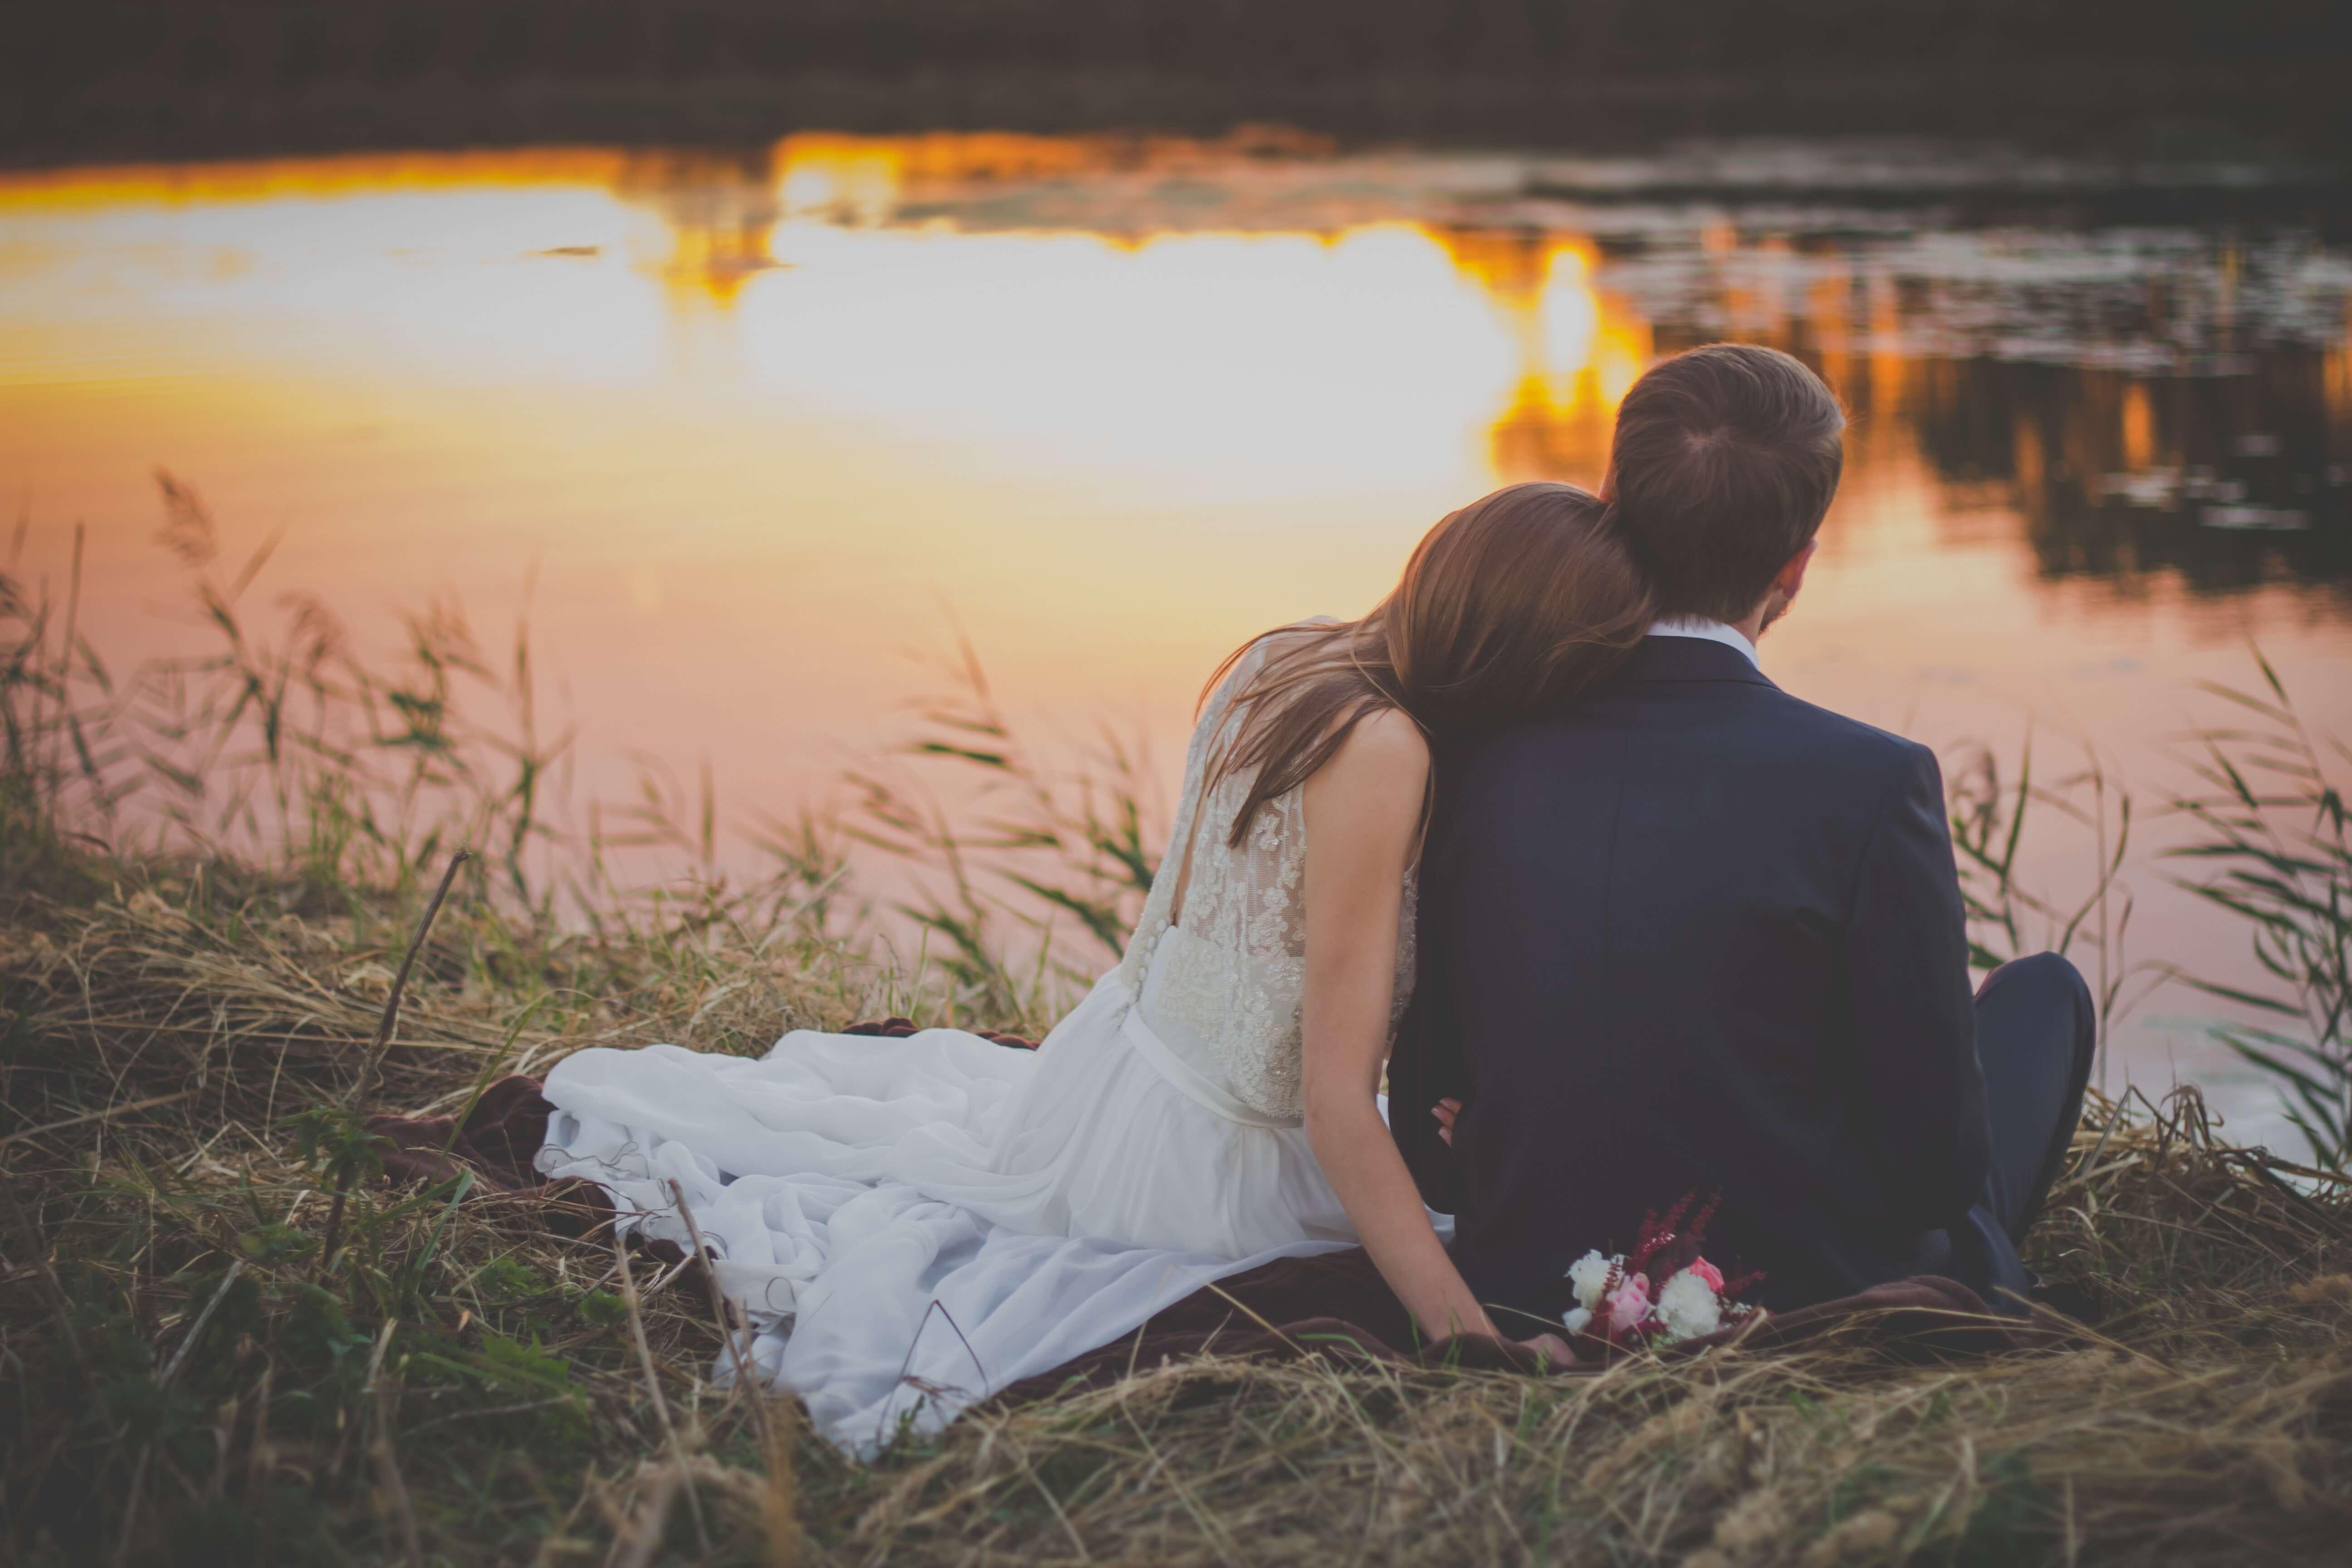 ダメ男と結婚しても幸せになれる?